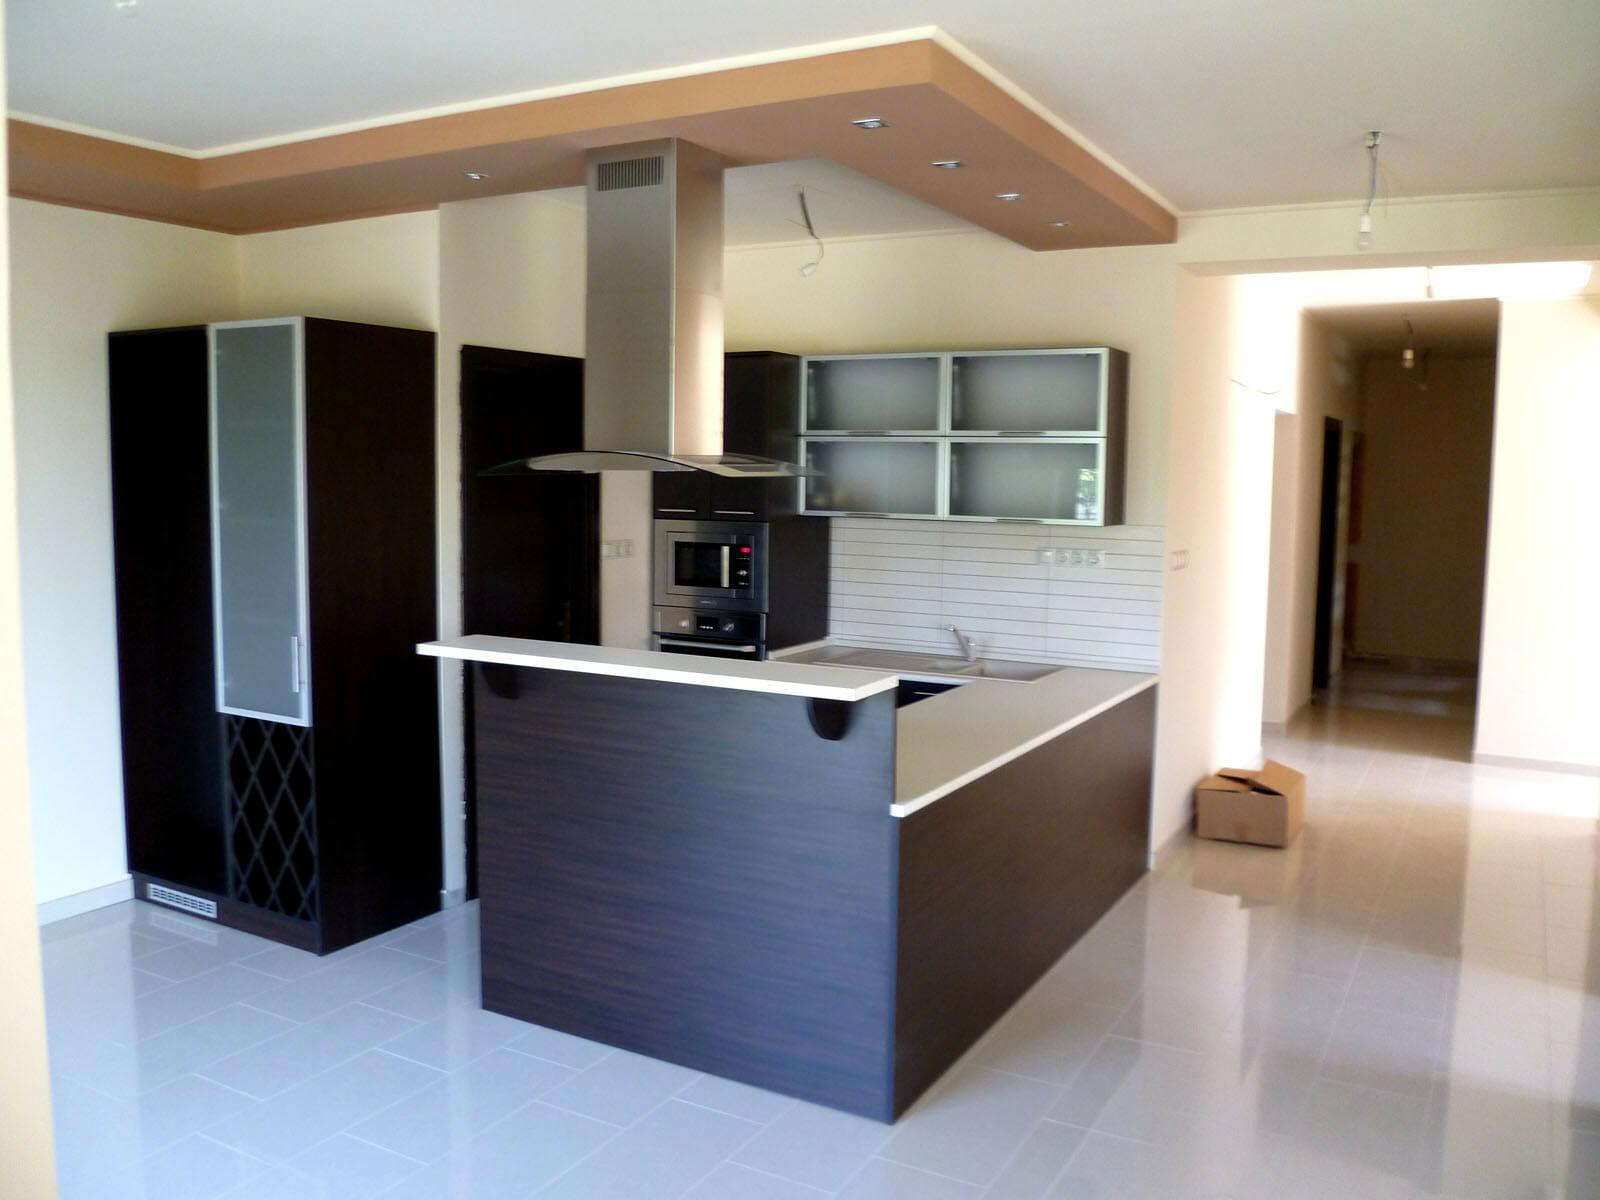 Modern konyhabútor wenge - bézs felülettel, félszigettel, felnyíló ajtóval